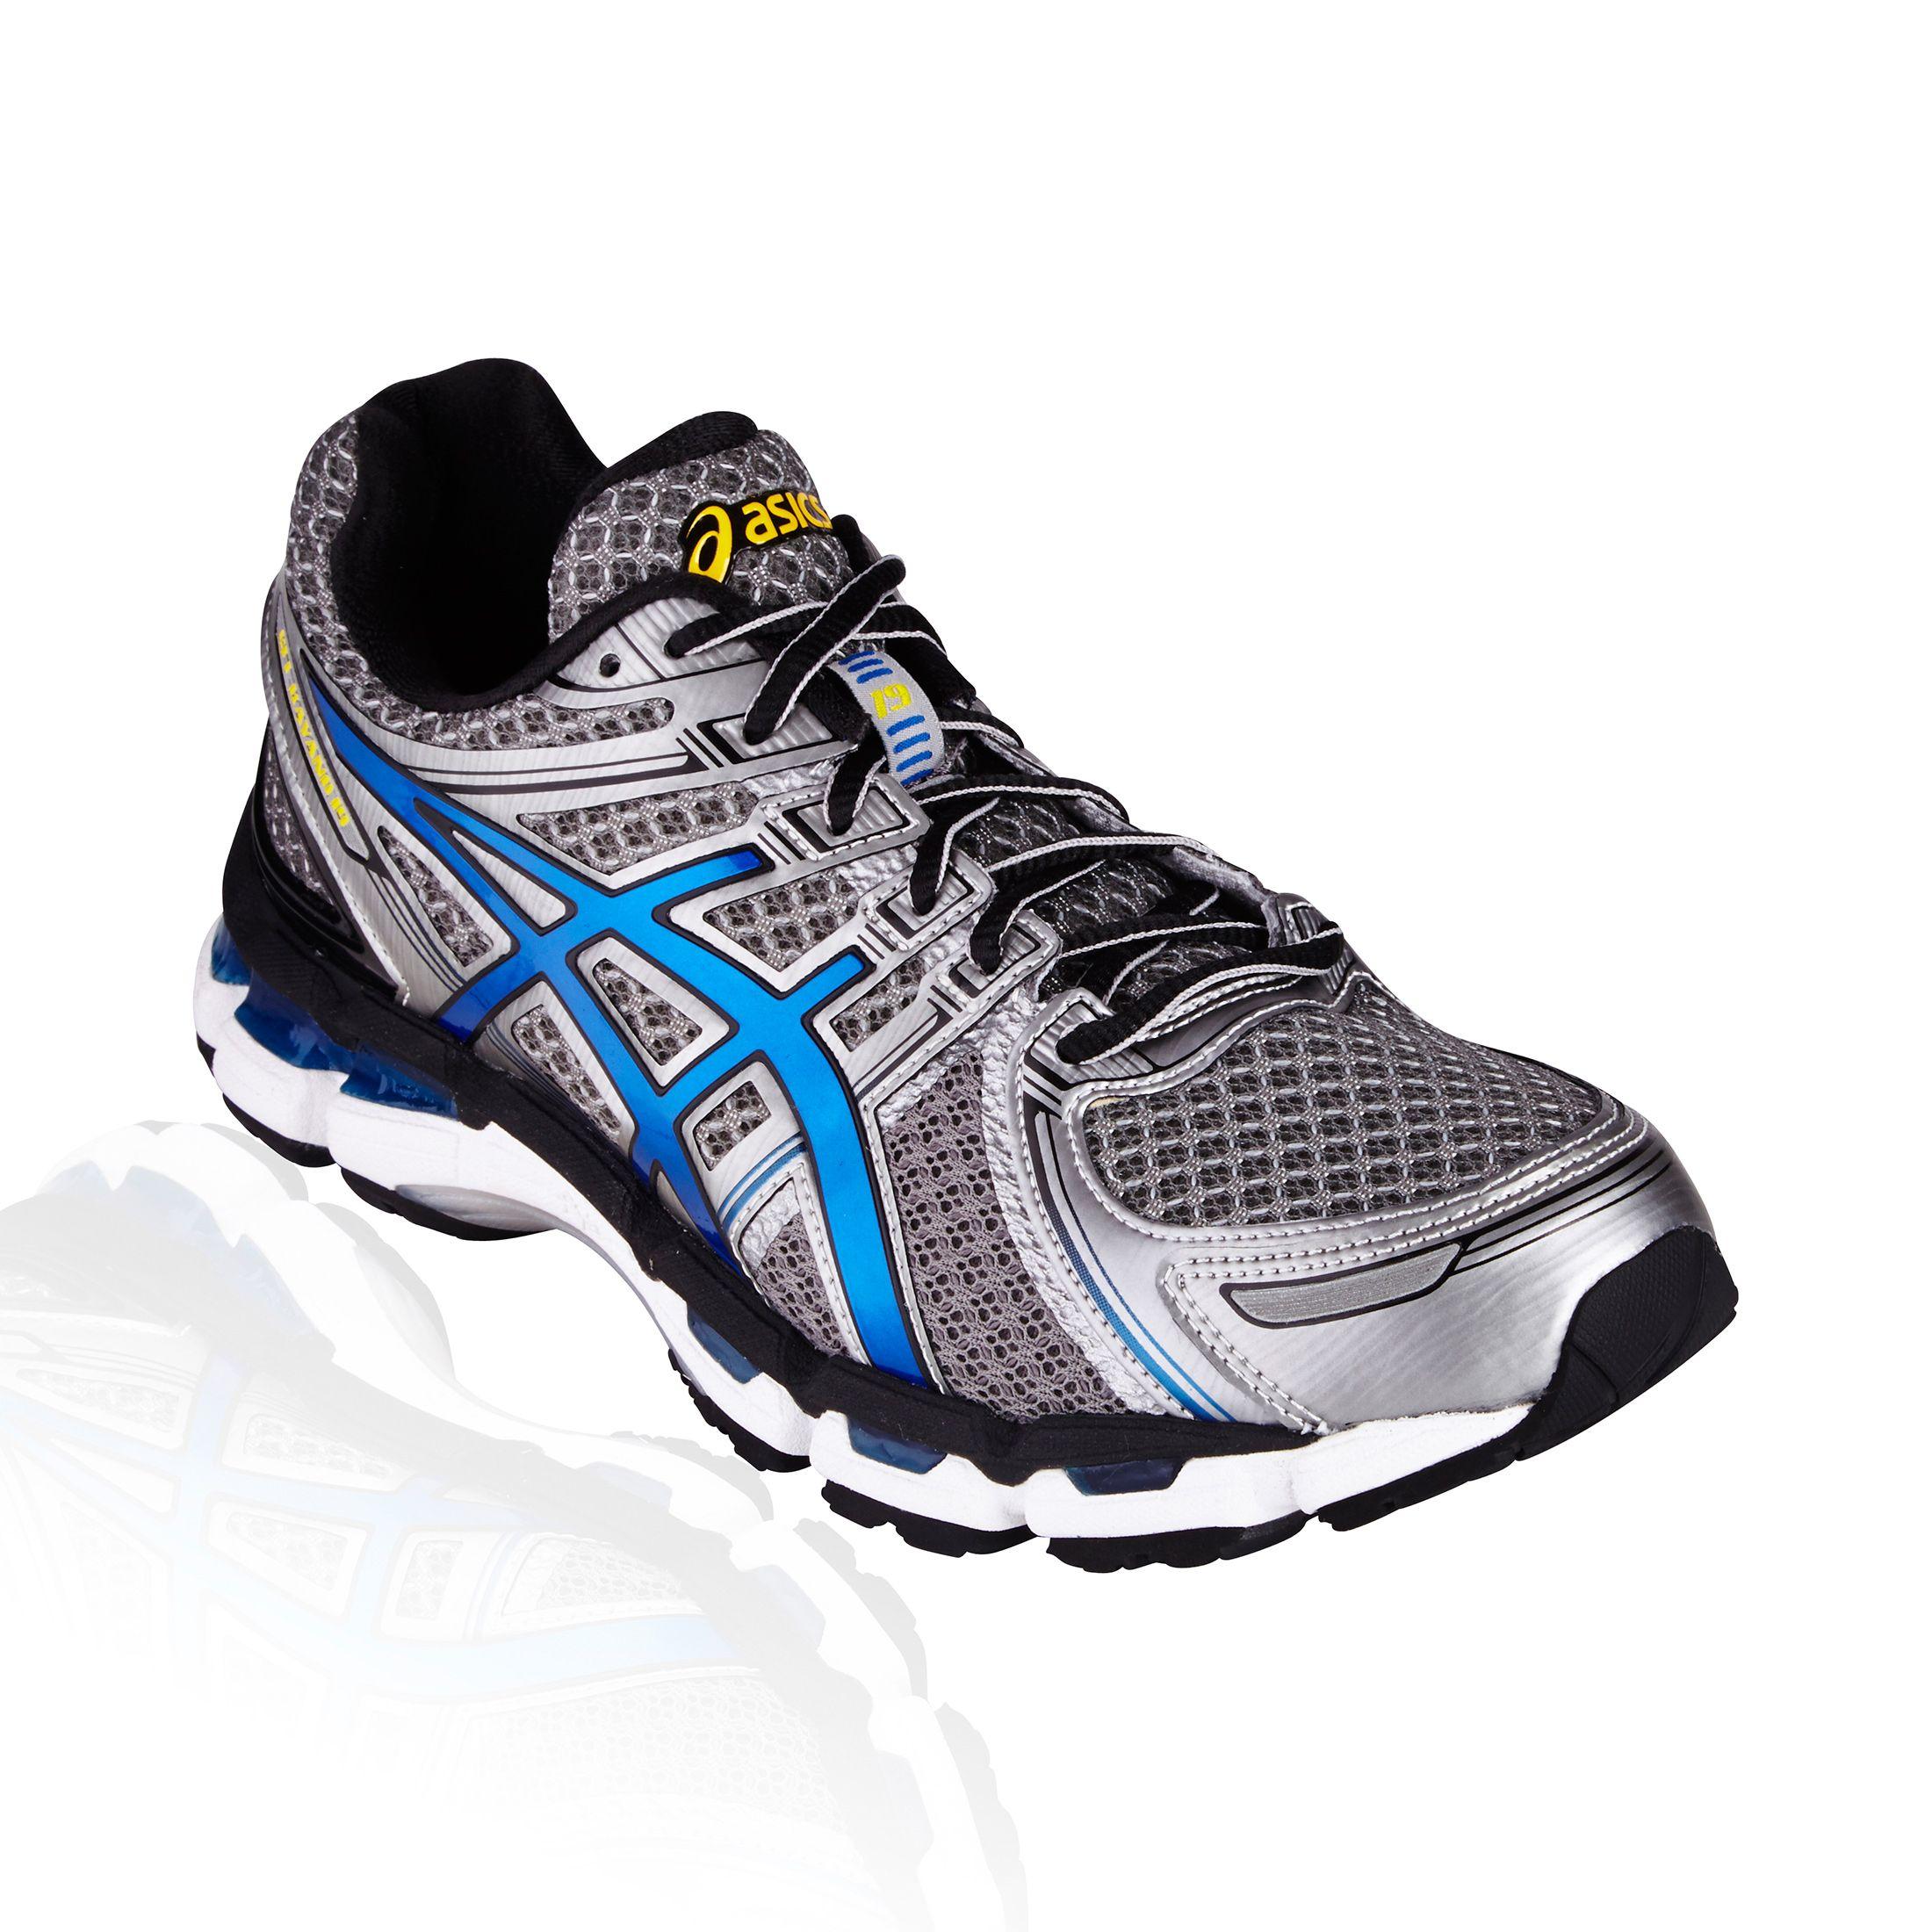 Asics Gel Kayano 19 Running Shoe Titanium Royal Black Asics